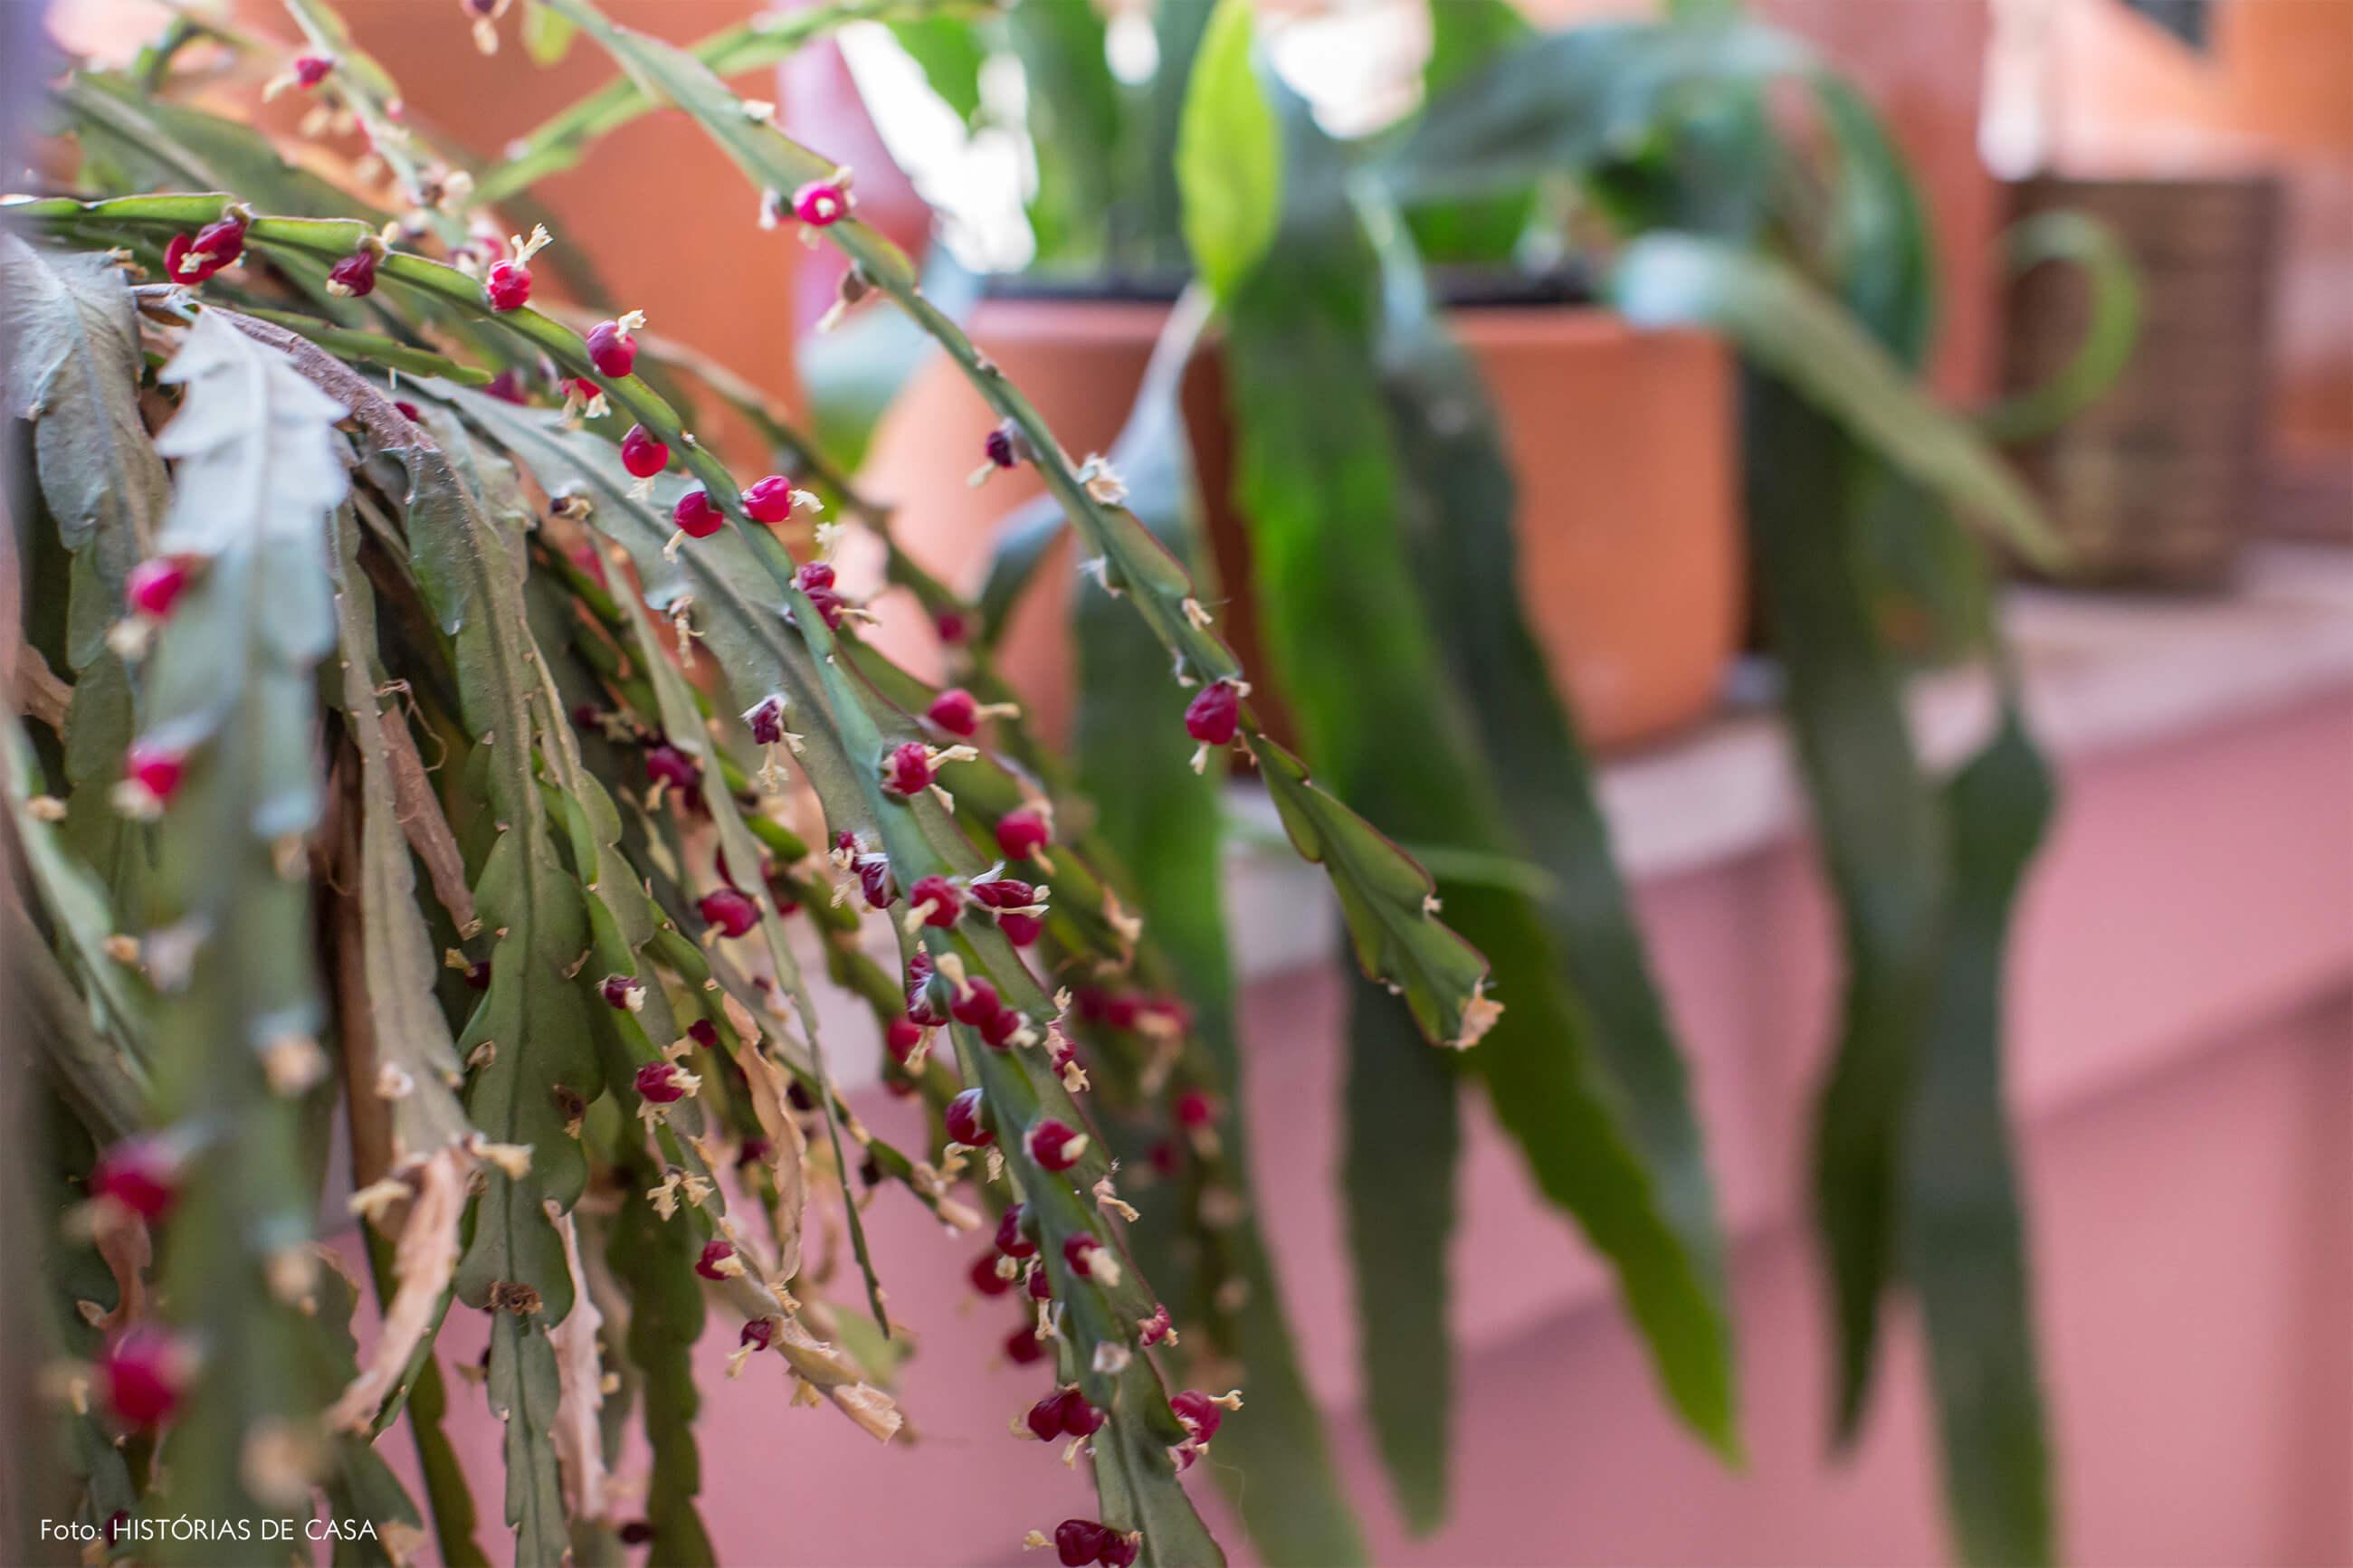 Detalhe plantas parede rosa